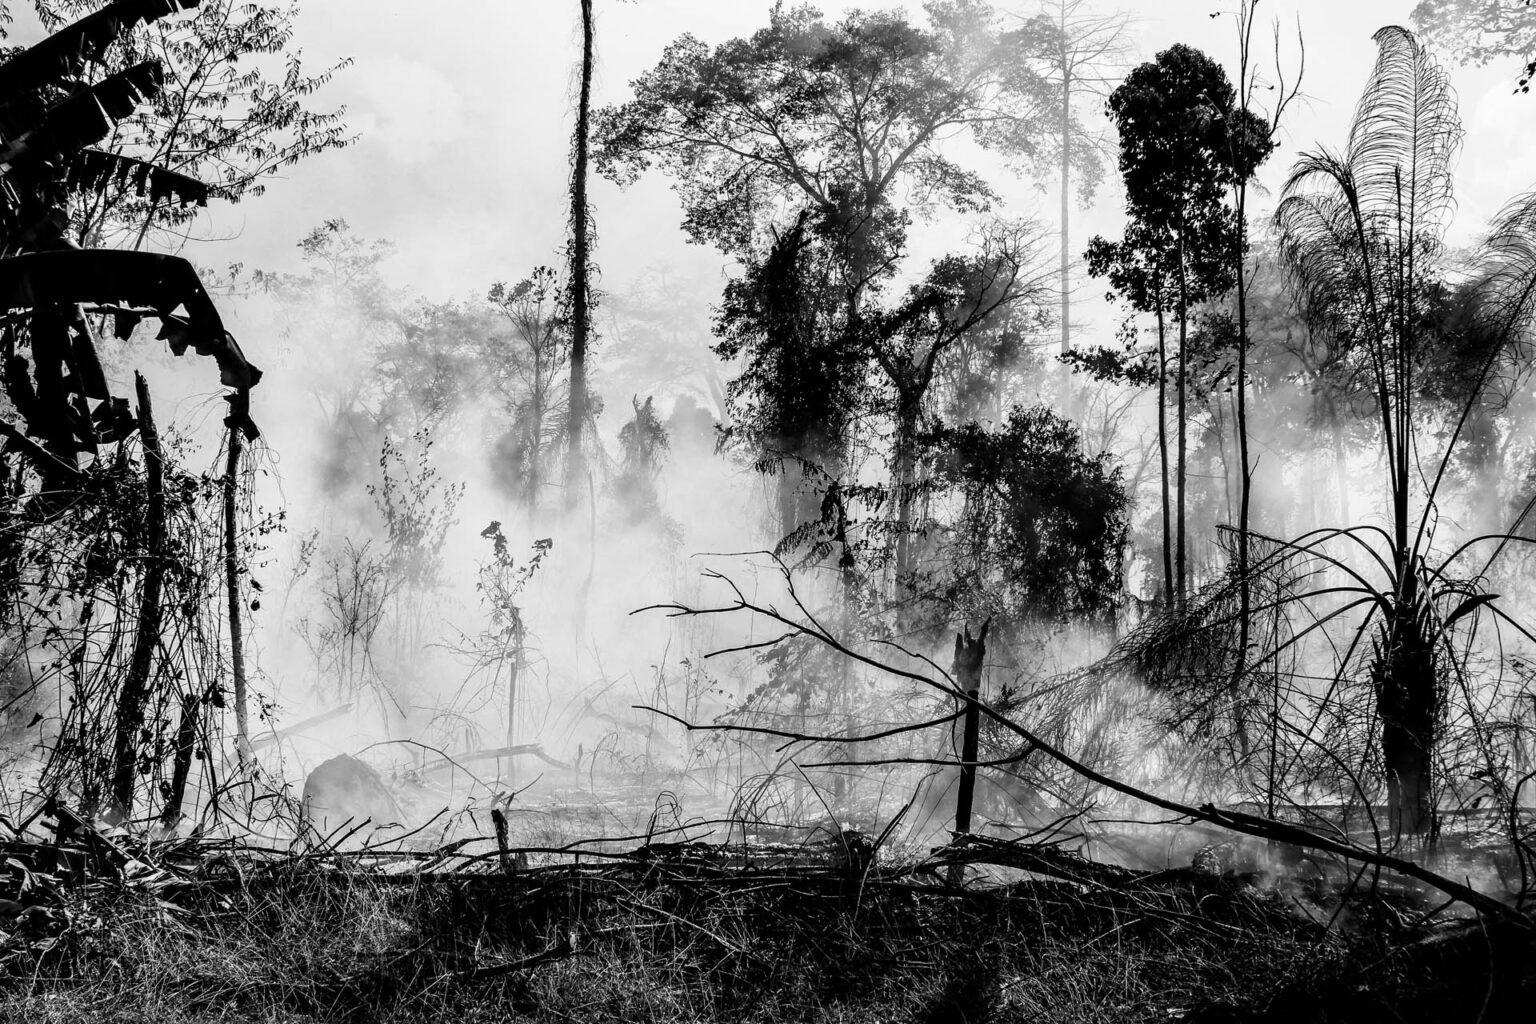 O mito de origem de uma breve história sobre a fotografia no Estado de Rondônia